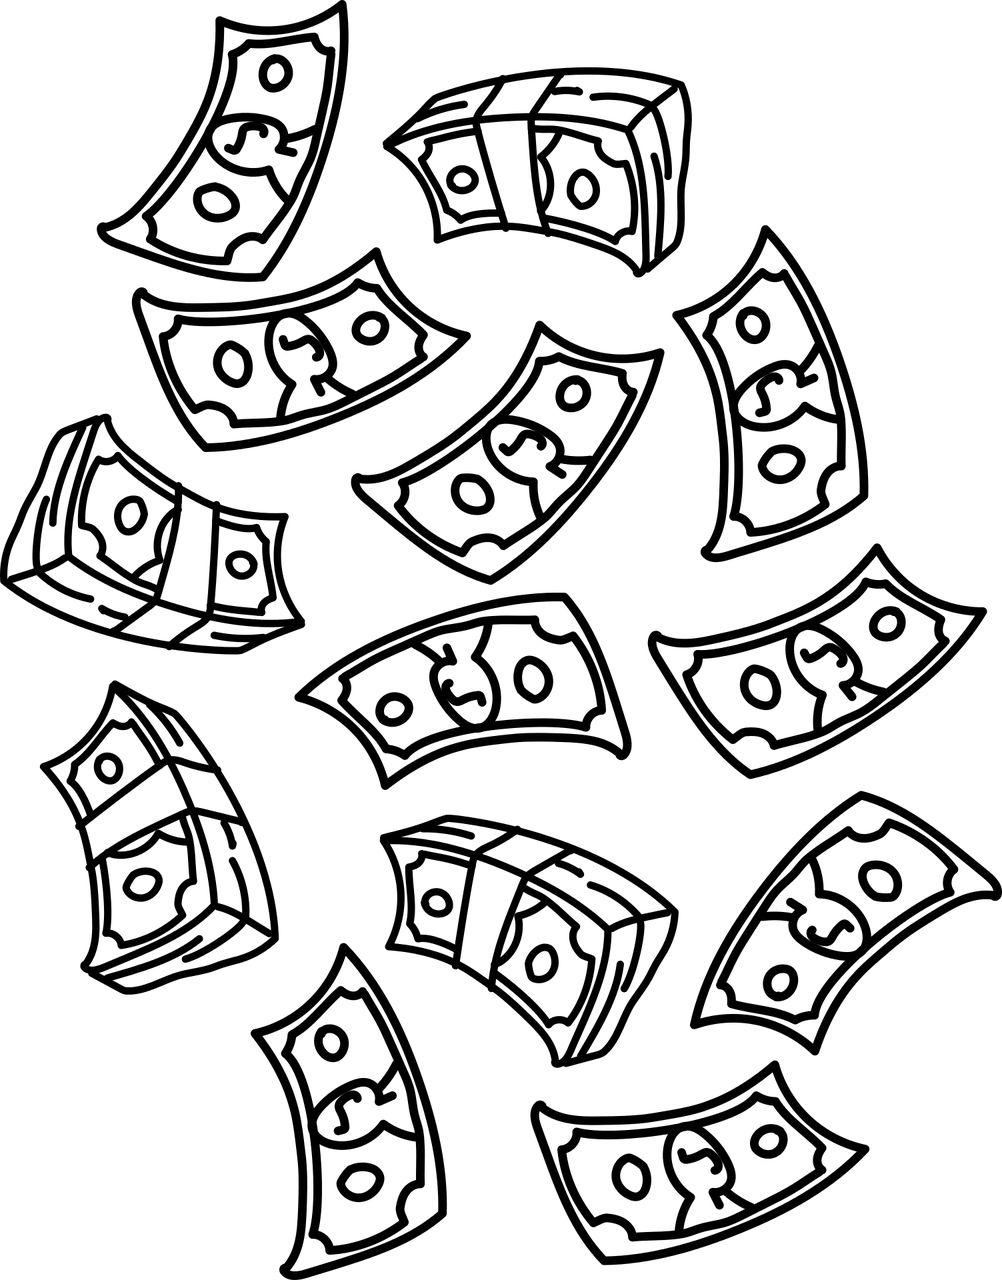 Es regnet Taler - oder gerne auch Dollar